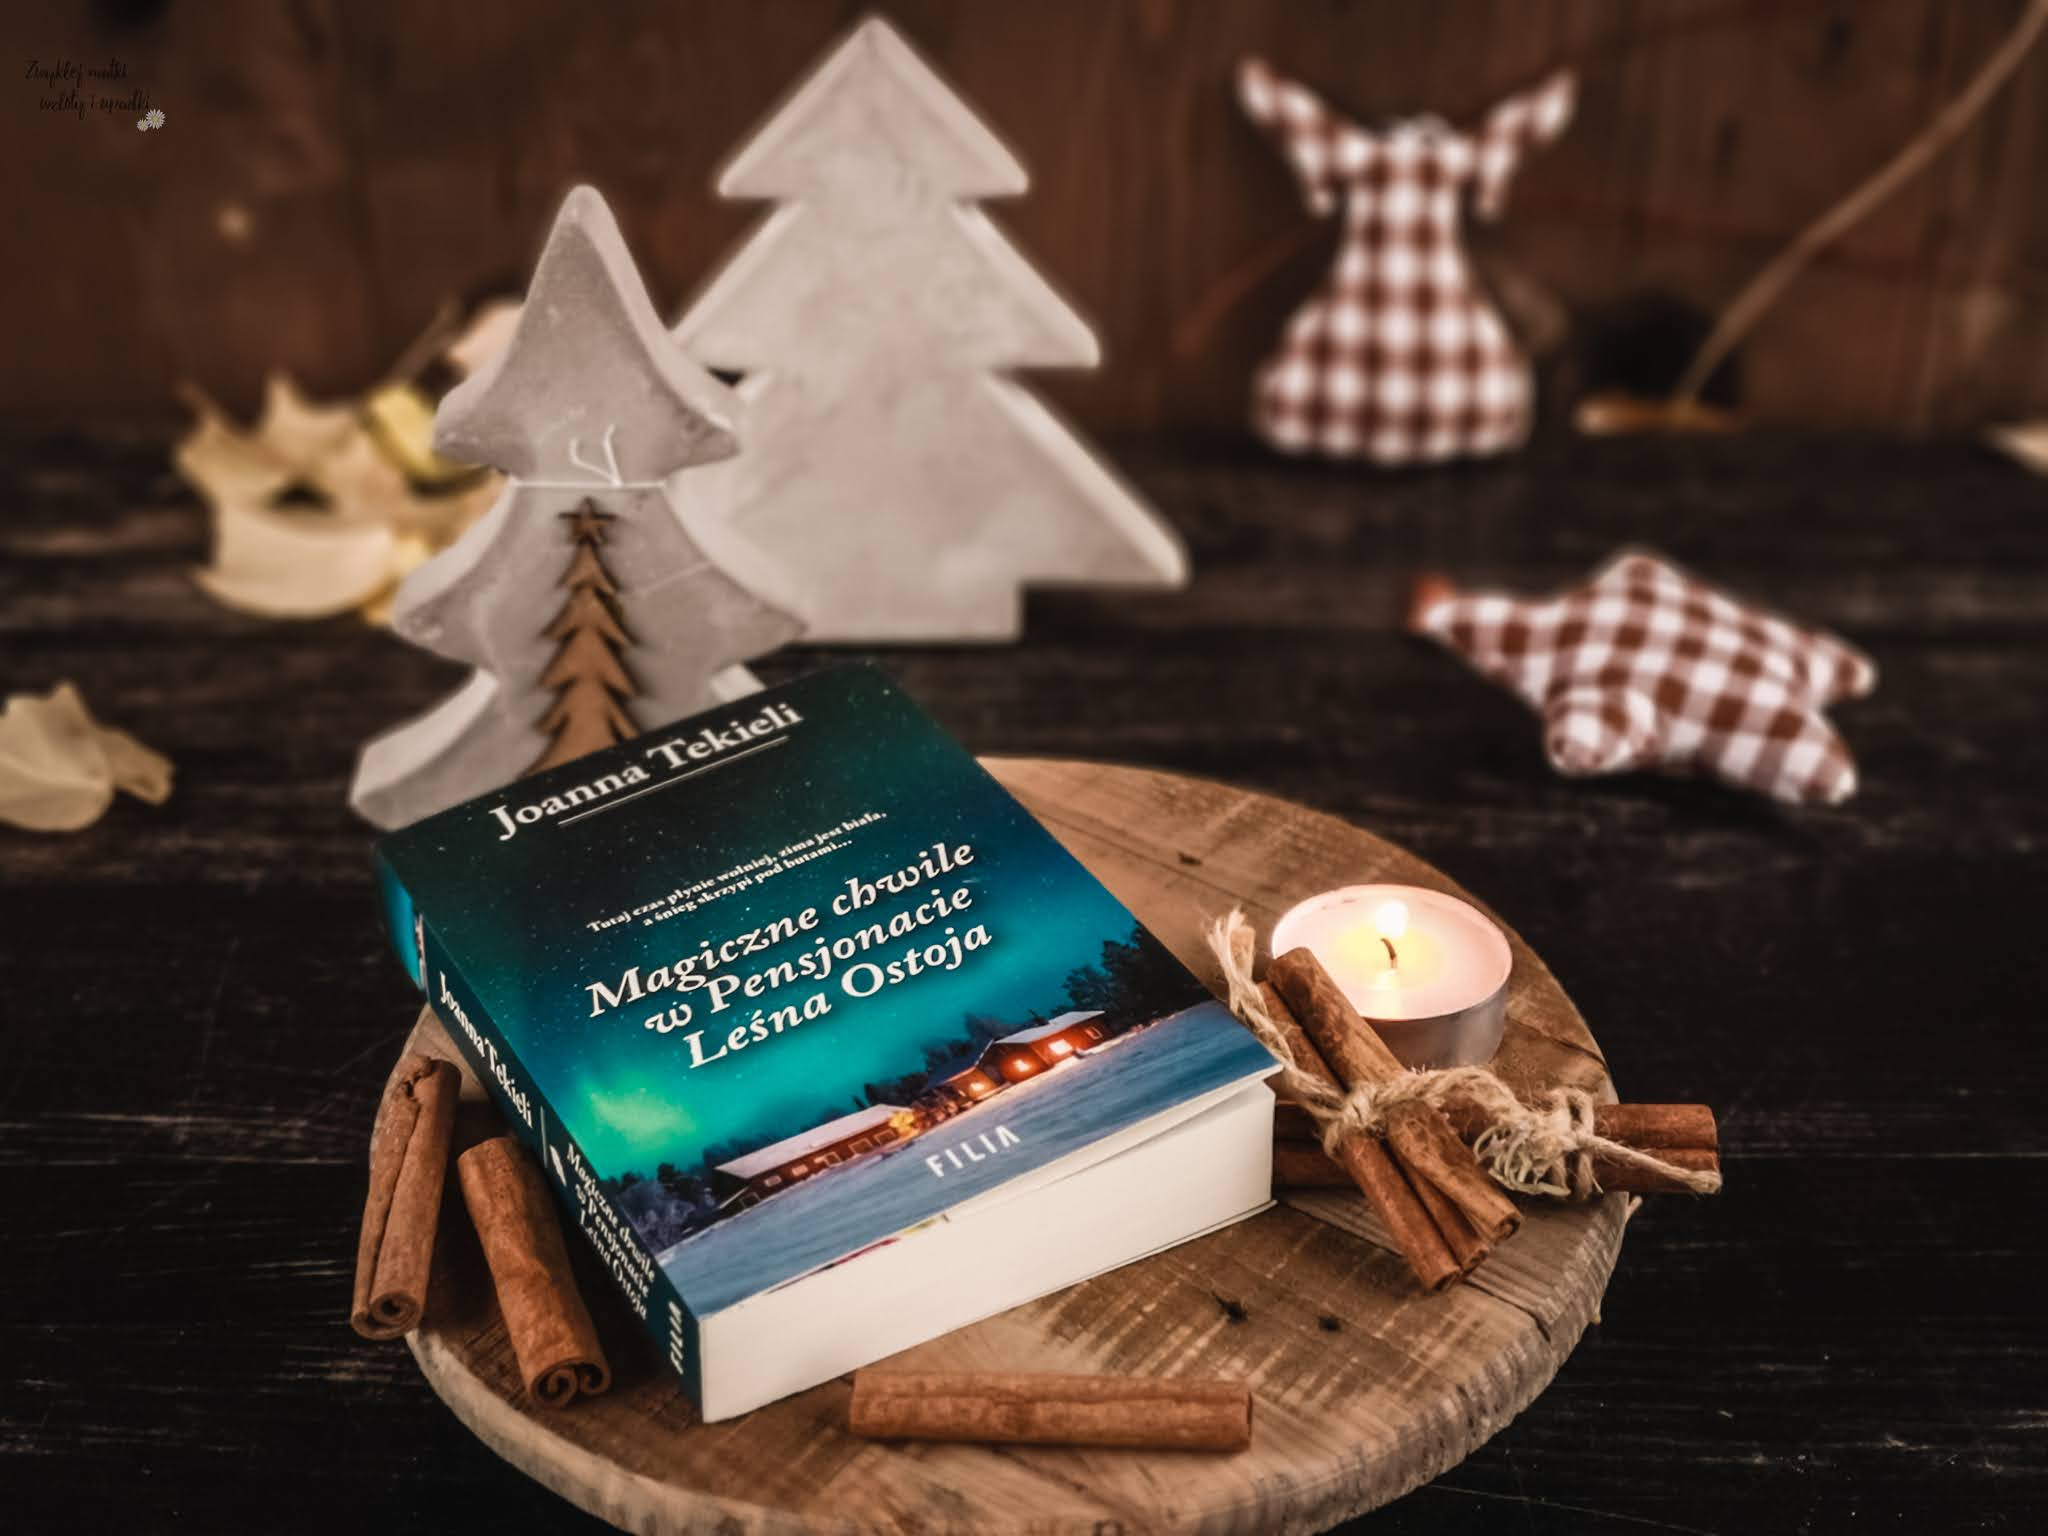 Czy kolejny powrót do Leśnej Ostoi mnie rozczarował? Czyli czas na powieści świąteczne!